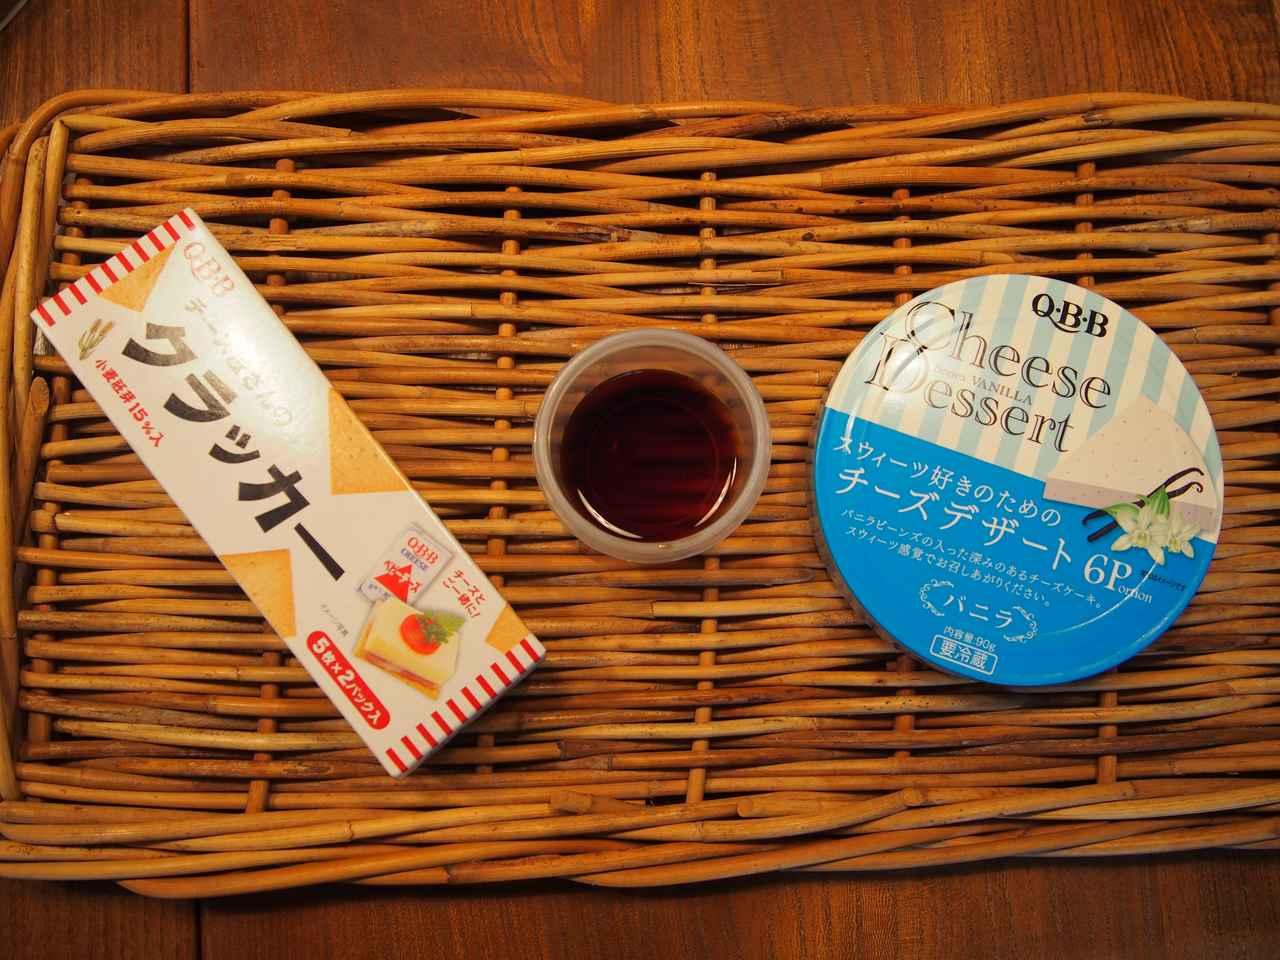 画像1: 焦し醤油のチーズクリームデザート